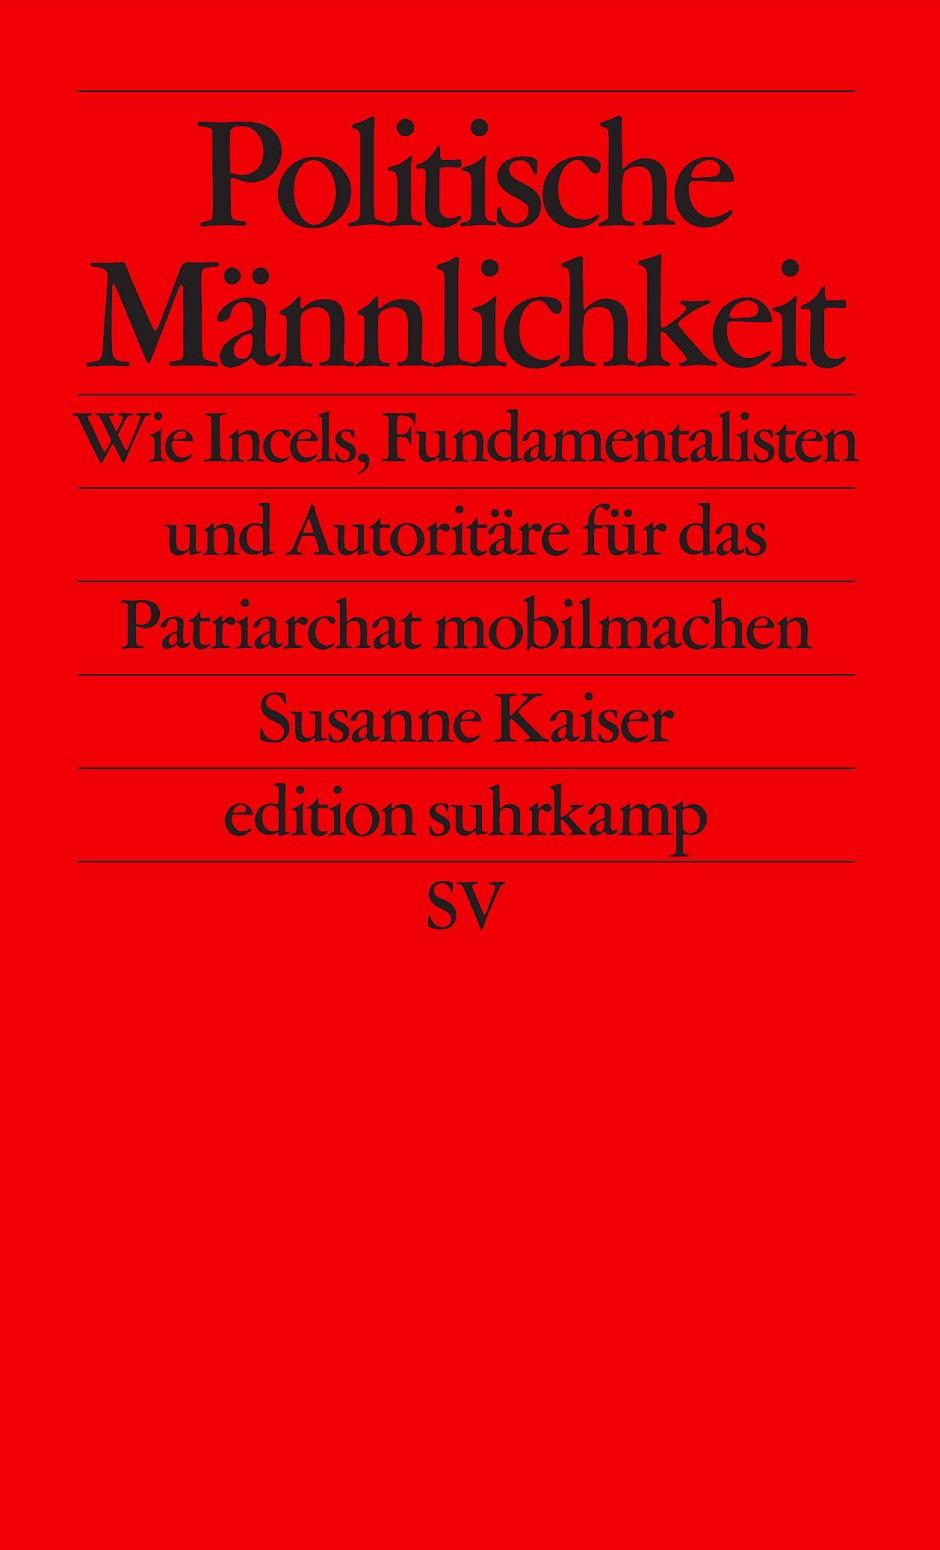 """Susanne Kaiser: """"Politische Männlichkeit"""". Wie Incels, Fundamentalisten und Autoritäre für das Patriarchat mobilmachen."""